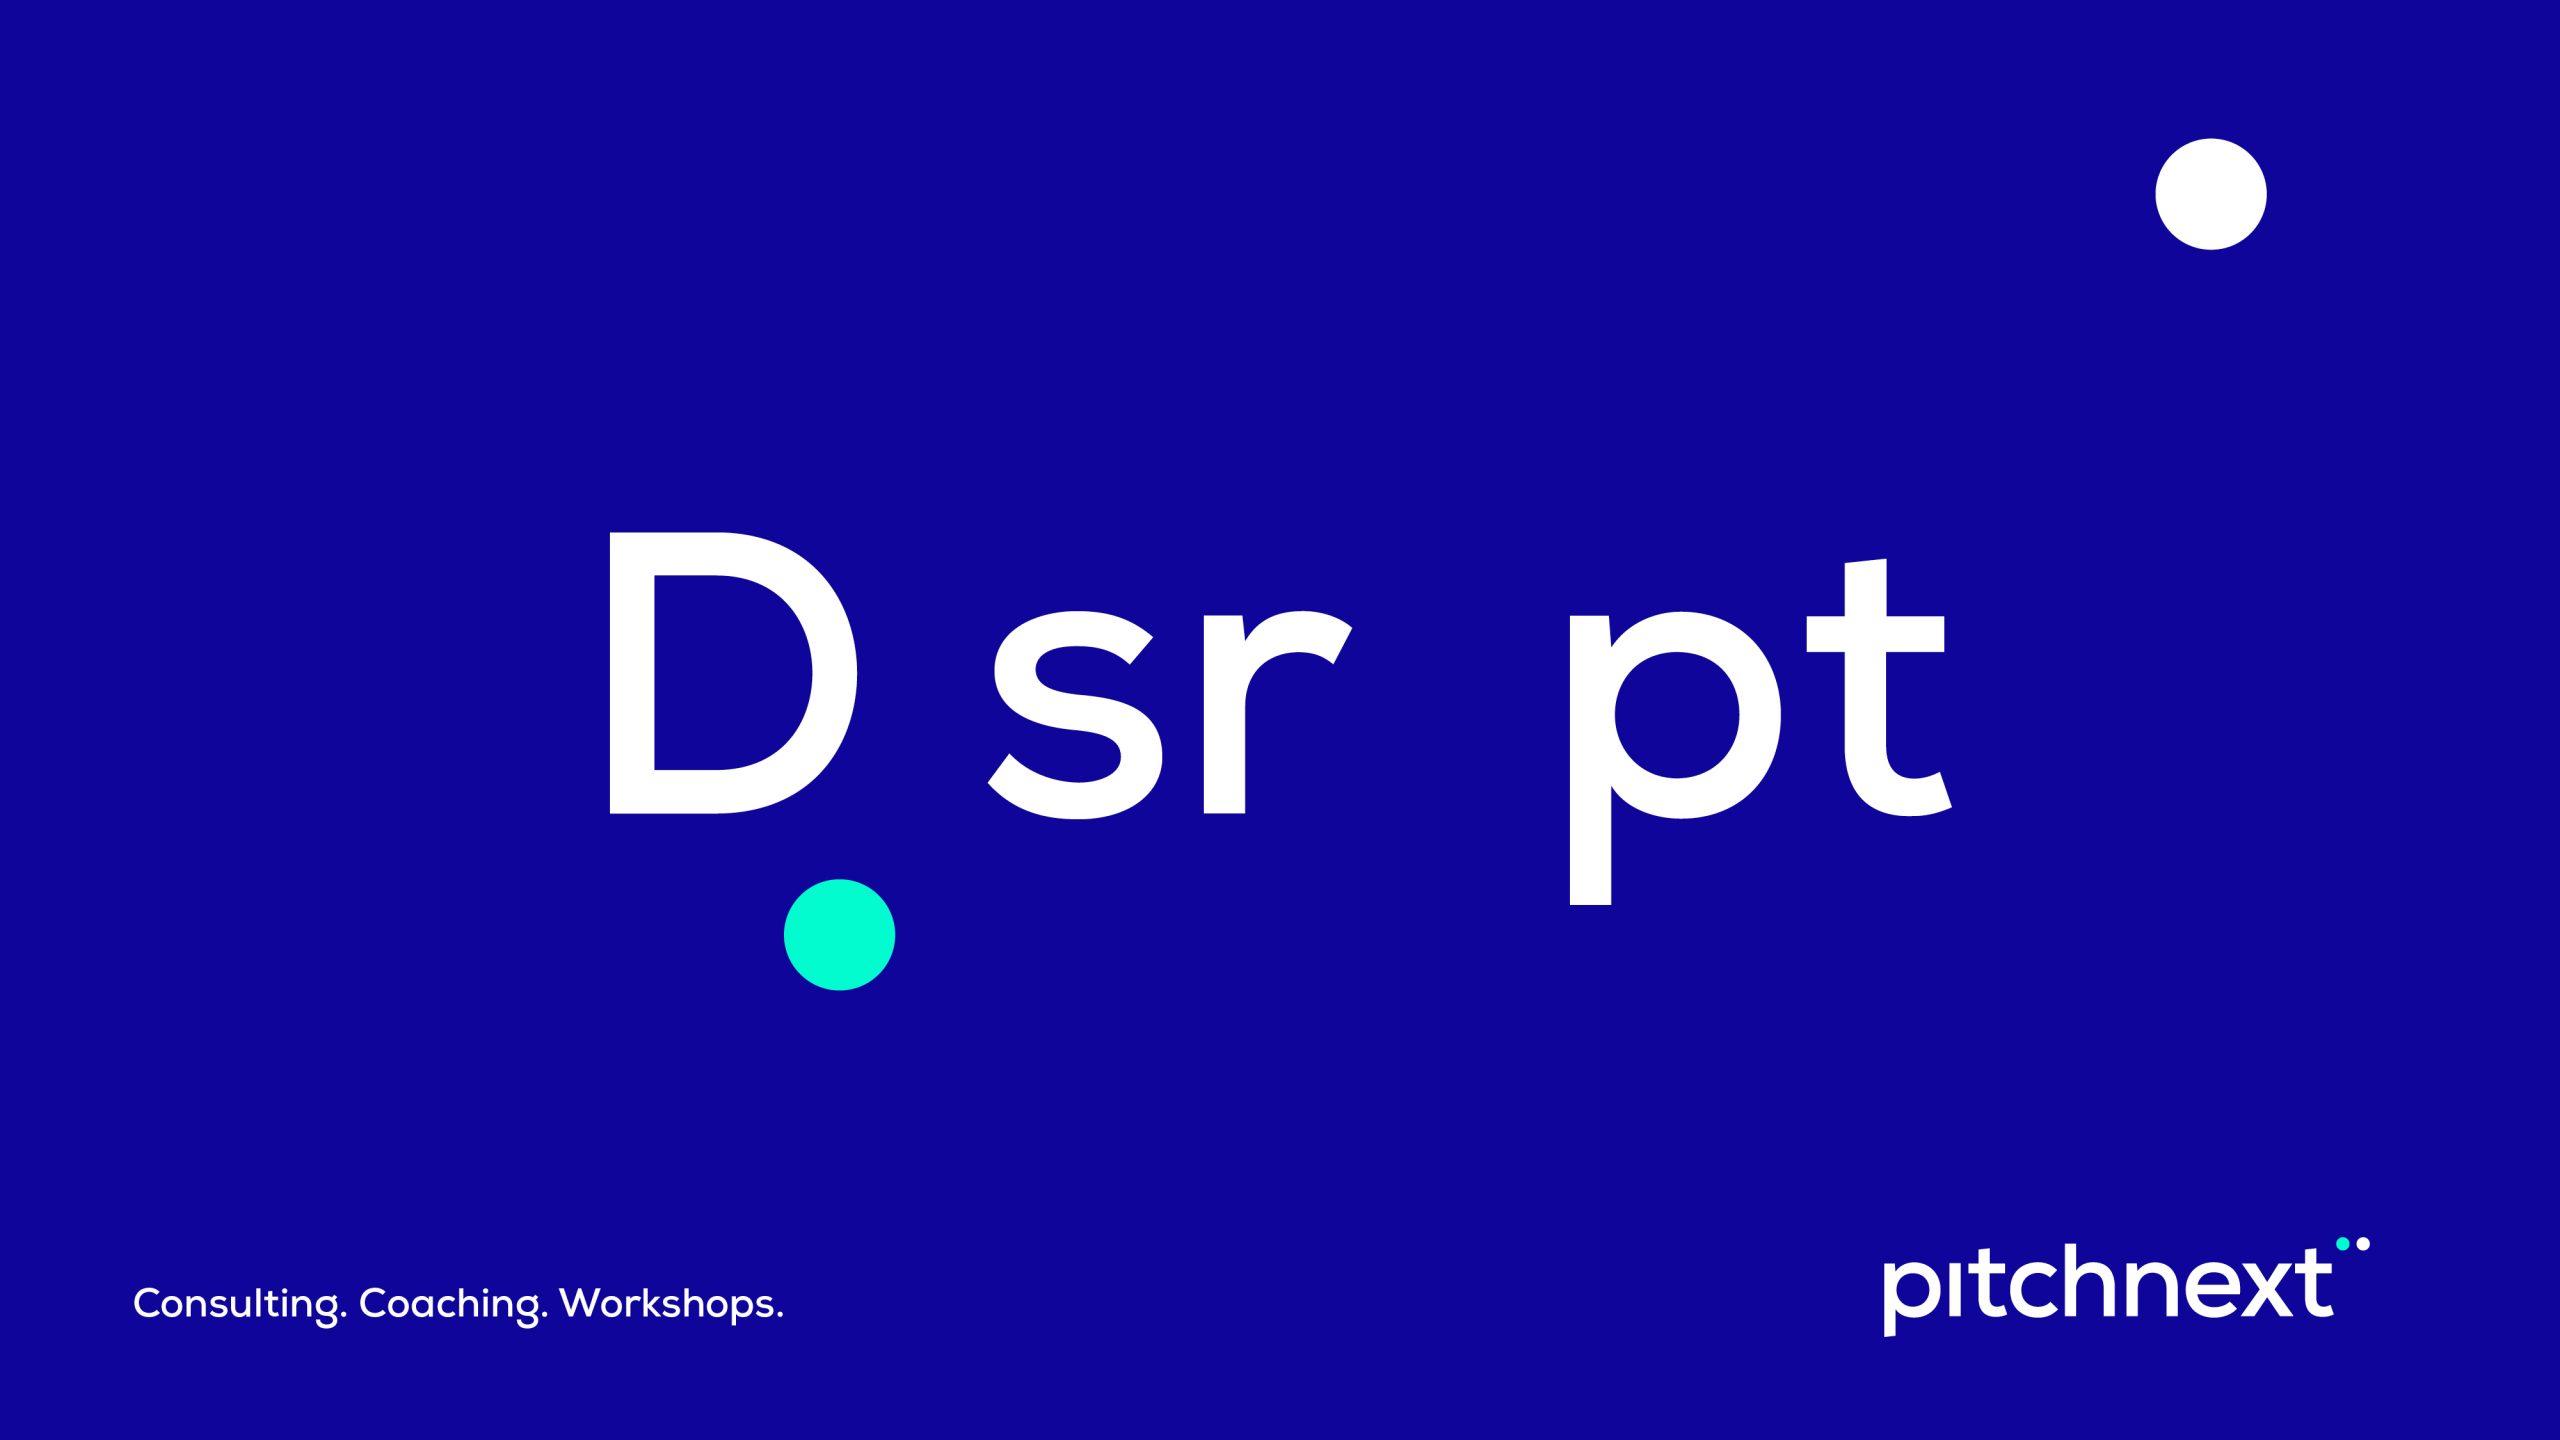 VISEE_Pitchnext_CD-Entwicklung_Praesentation_v0130